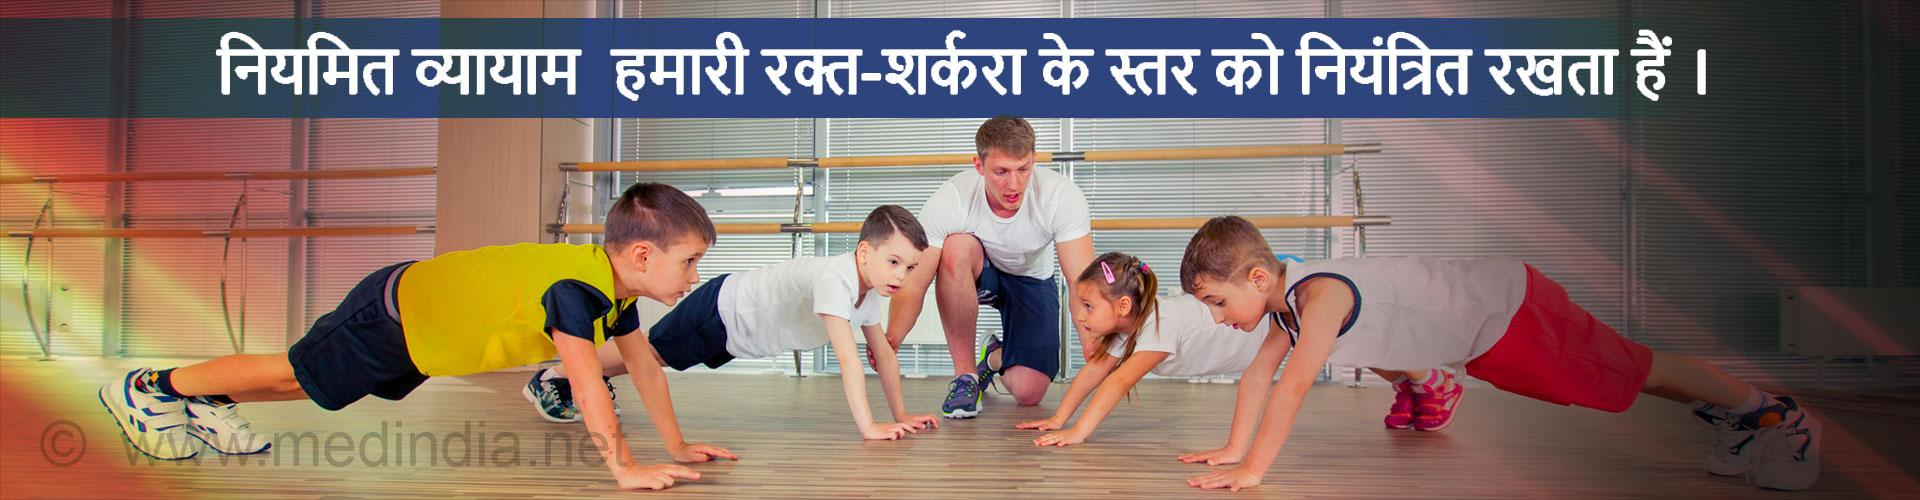 नियमित व्यायाम  हमारी रक्त-शर्करा के स्तर को नियंत्रित रखता हैं ।